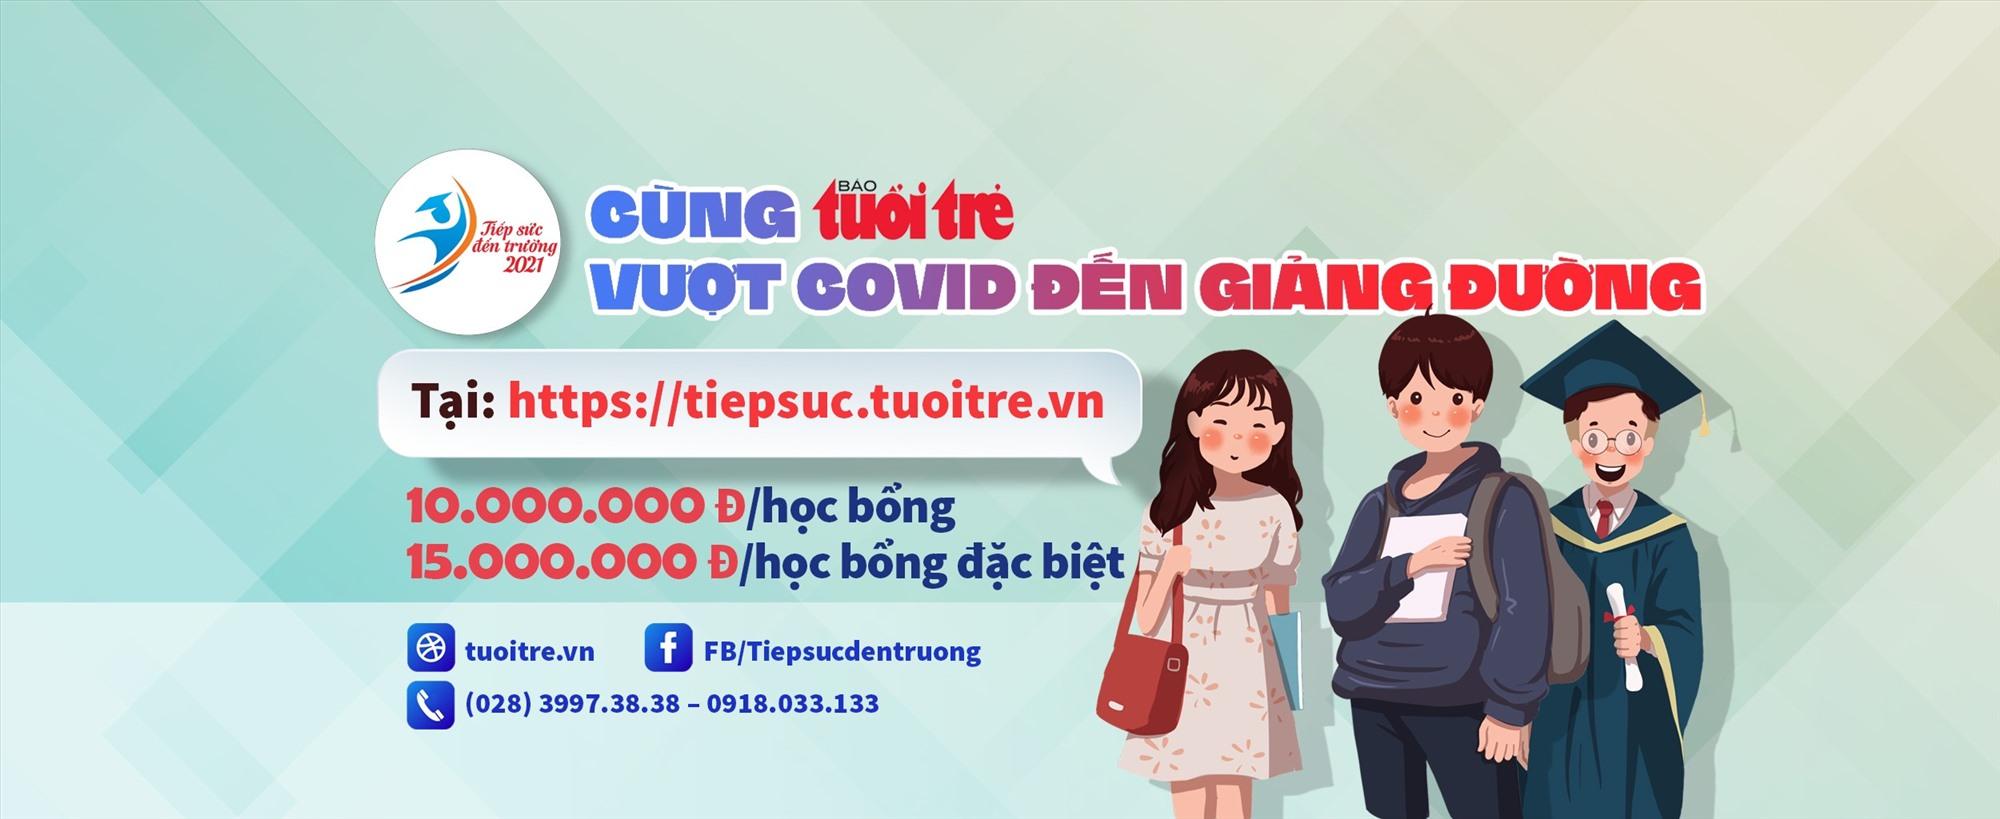 """120 suất học bổng """"Tiếp sức đến trường"""" dành cho tân sinh viên Quảng Nam"""